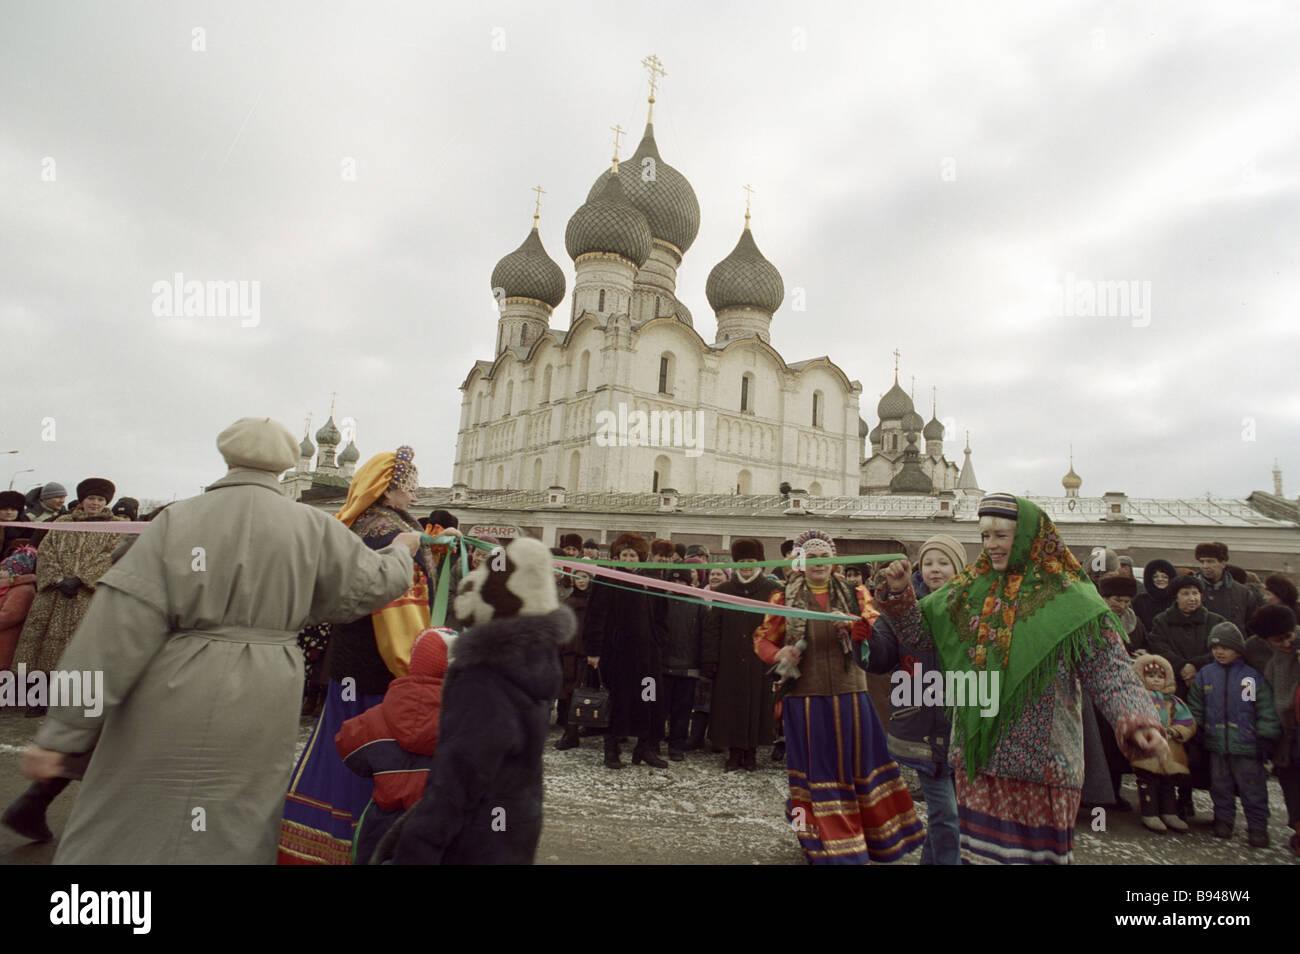 Fiestas populares en la Plaza de la Catedral del Kremlin de Rostov Foto de stock